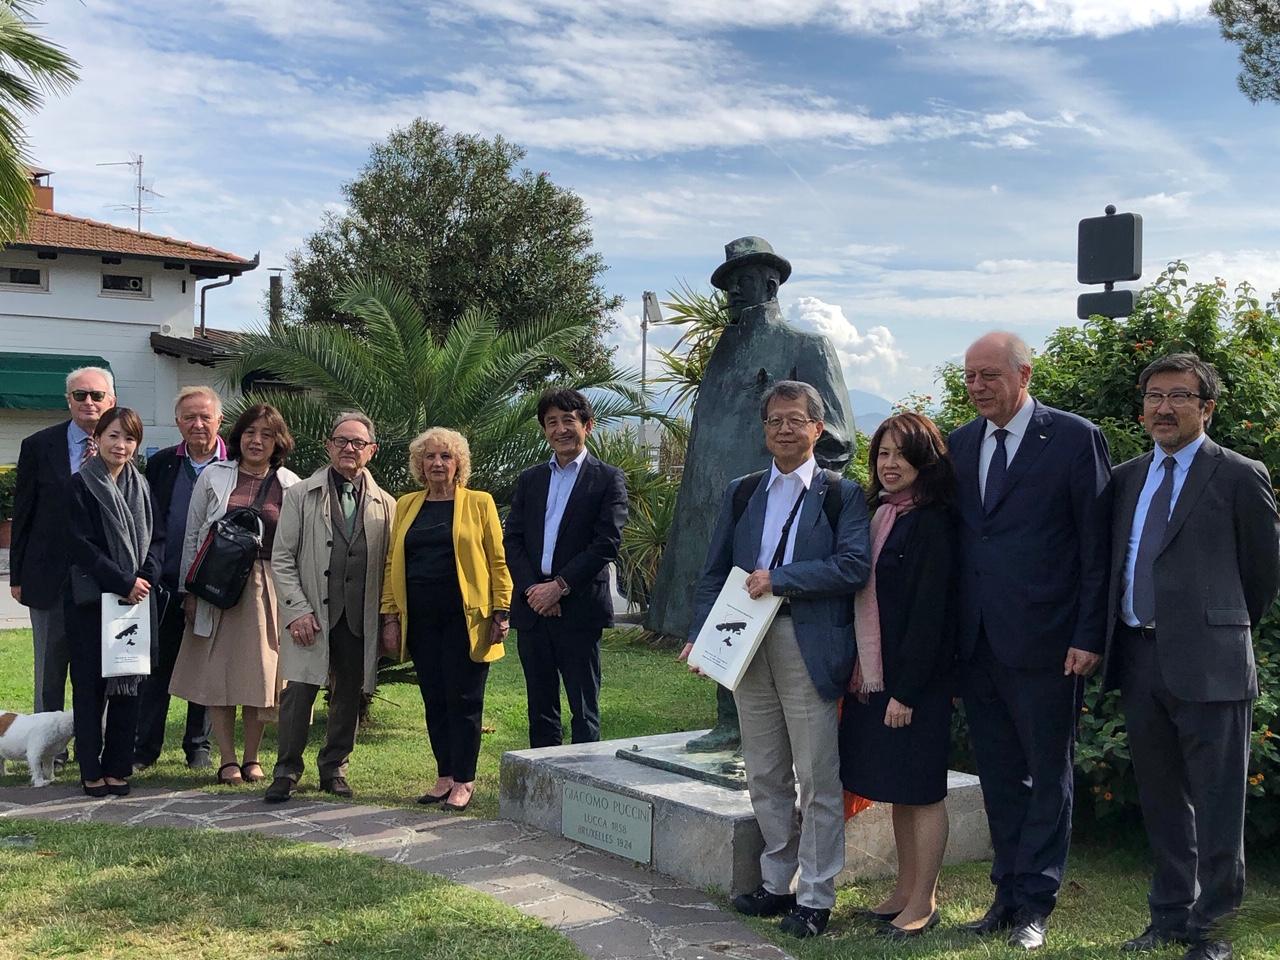 Una delegazione di Nagasaki in visita a Torre del Lago, la terra di Puccini